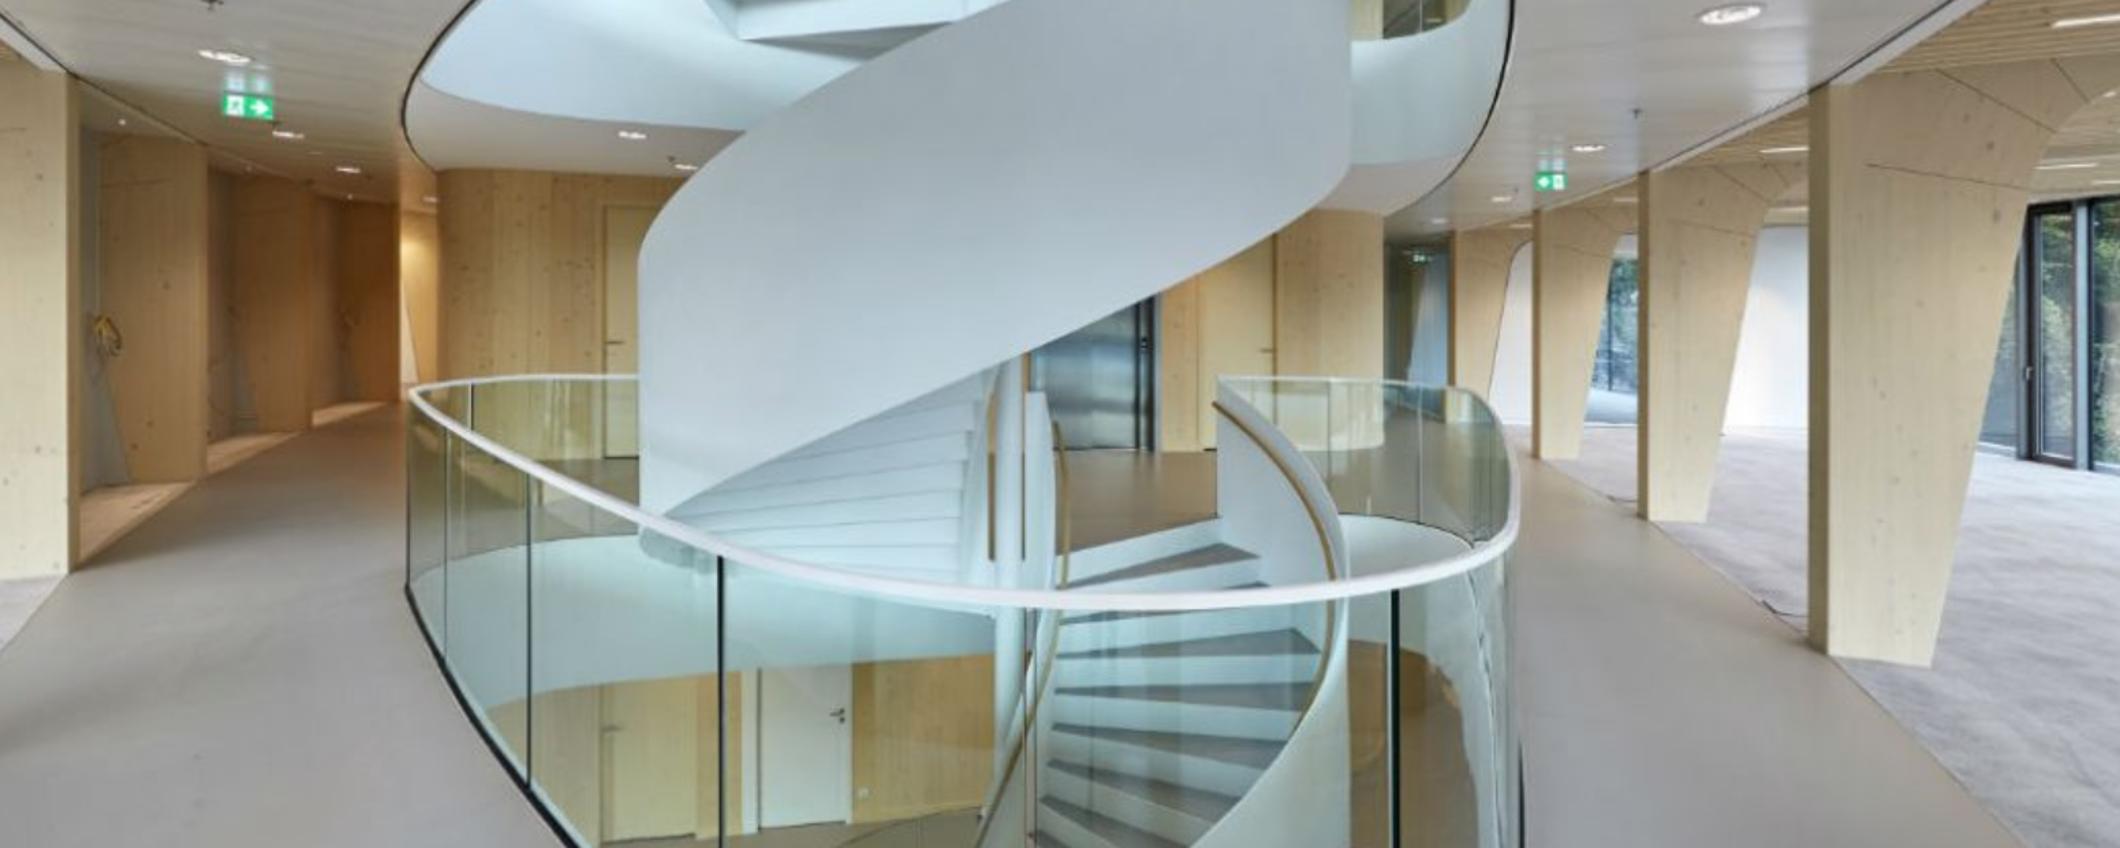 Escaleras - Nuevo edificio de Triodos Bank